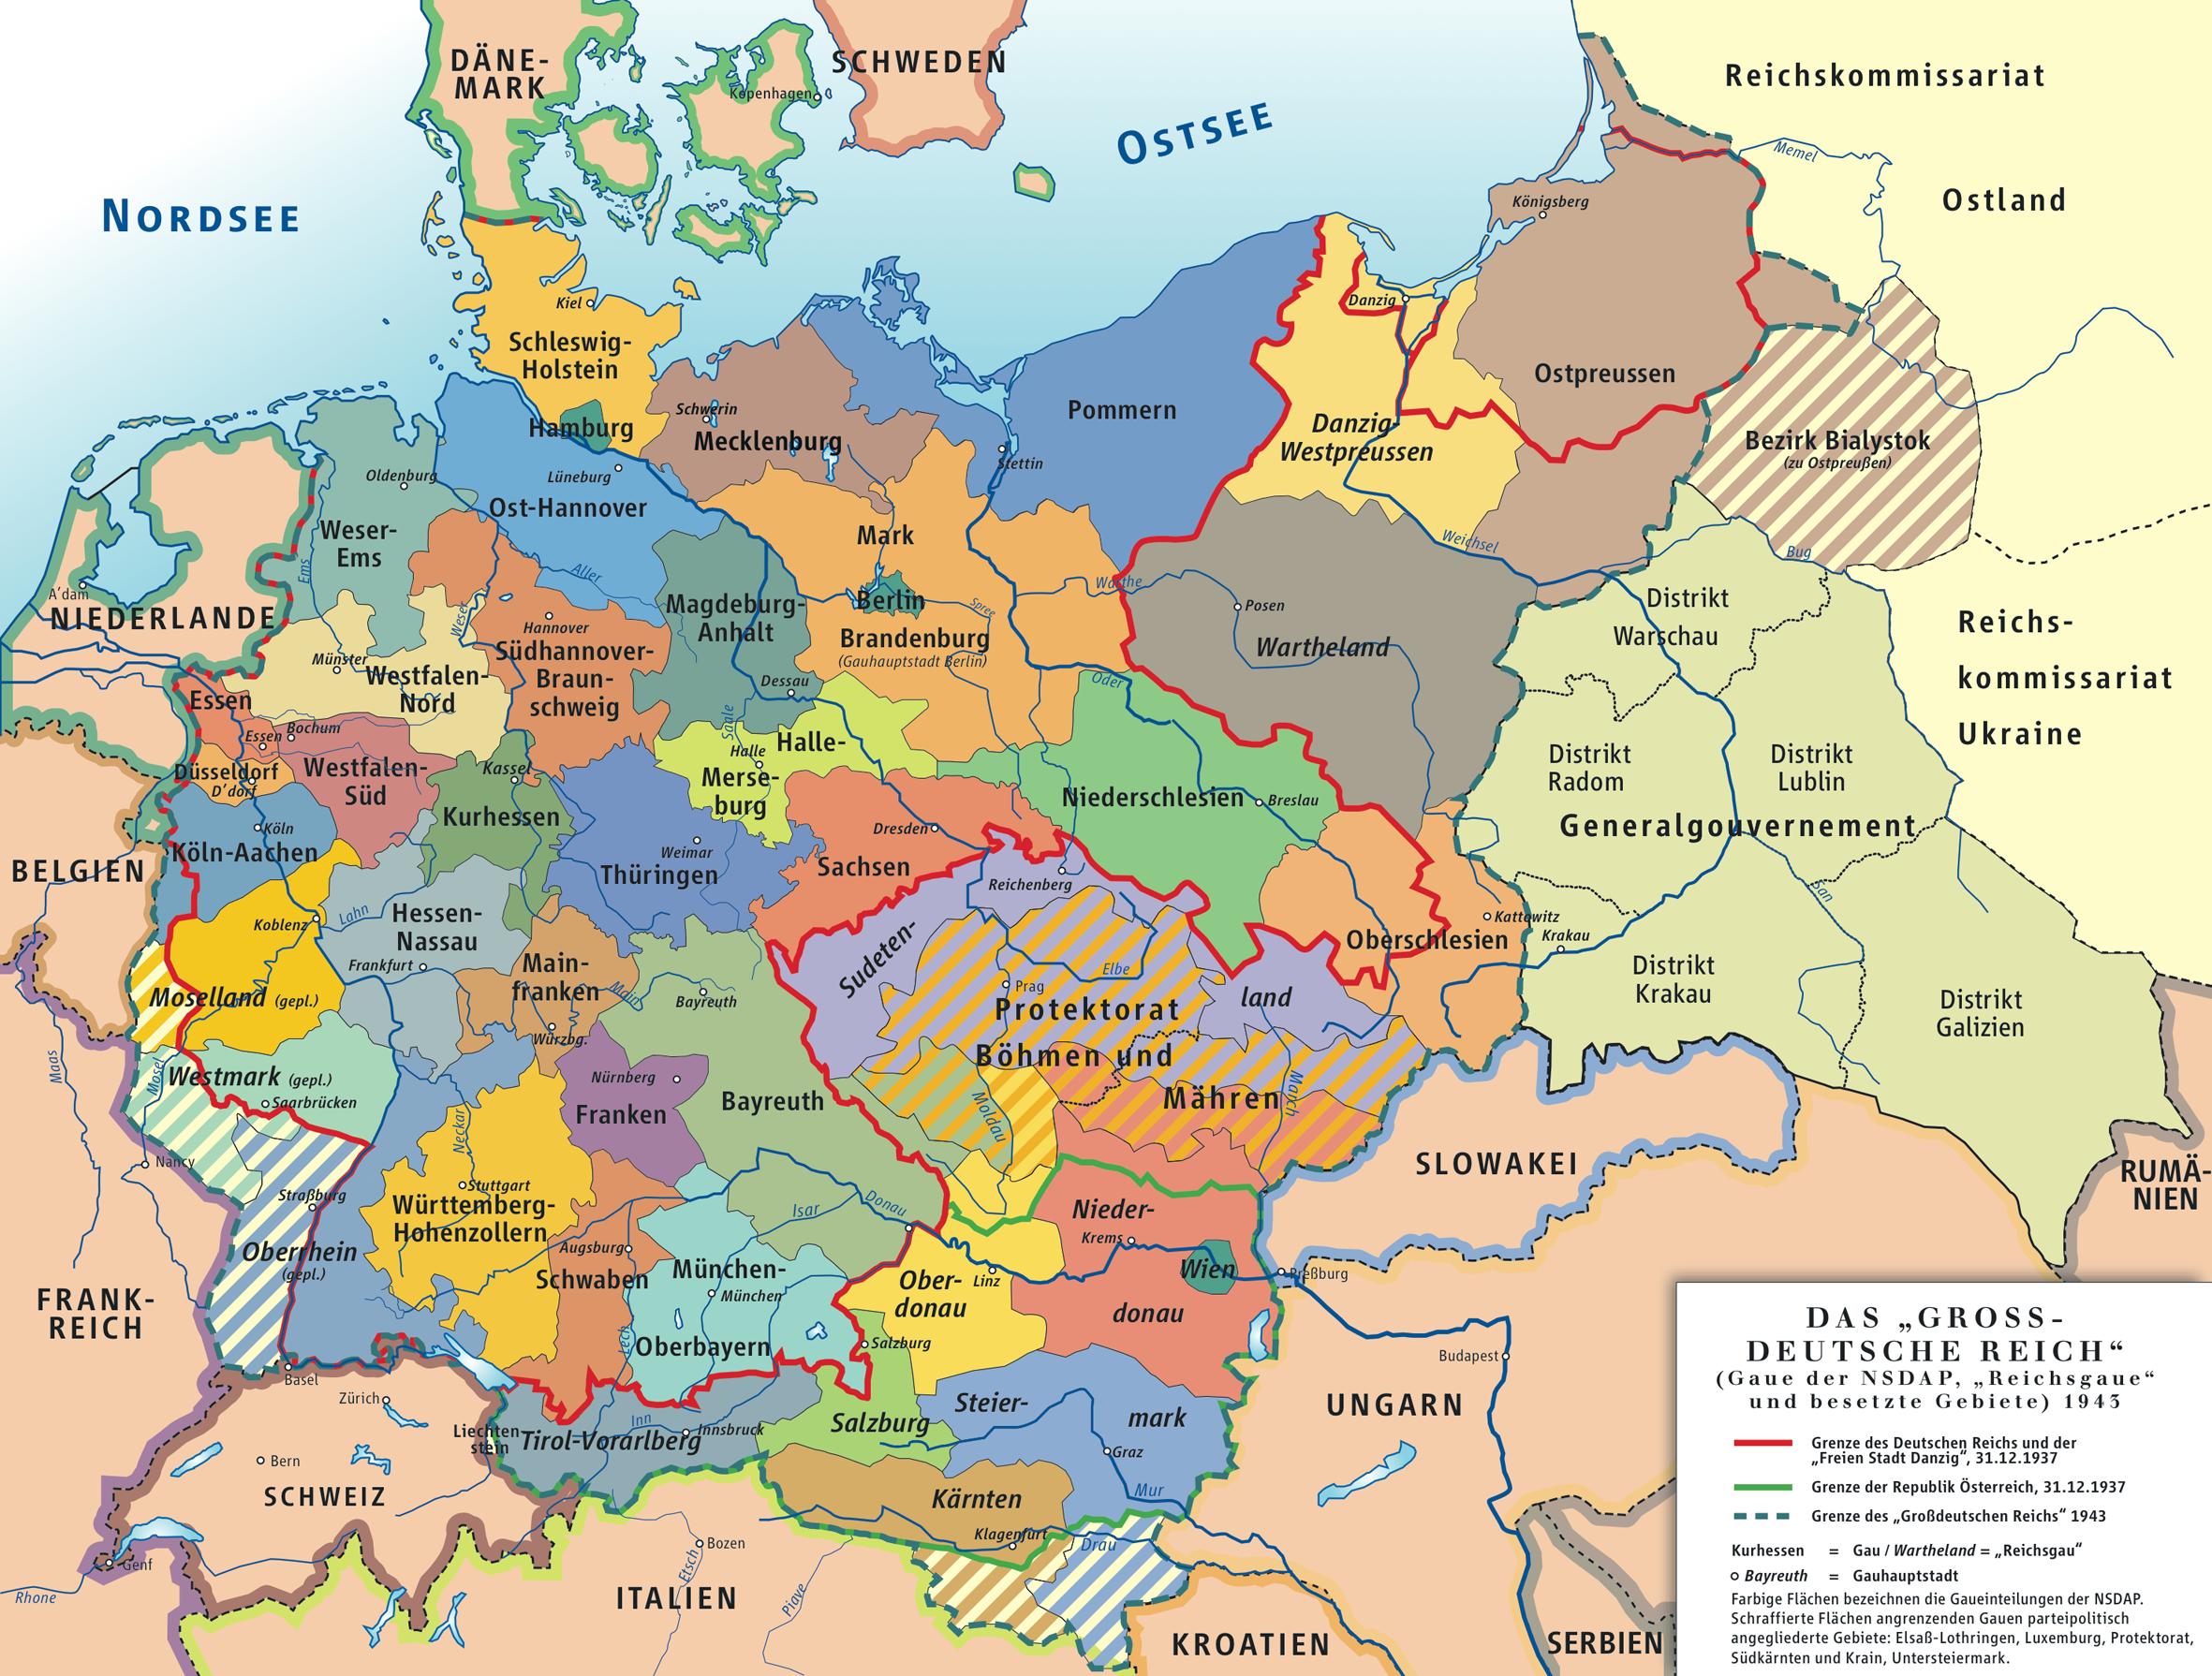 Deutsches Reich Karte 1943.Datei Karte Des Grossdeutschen Reiches 1943 Png Wikipedia